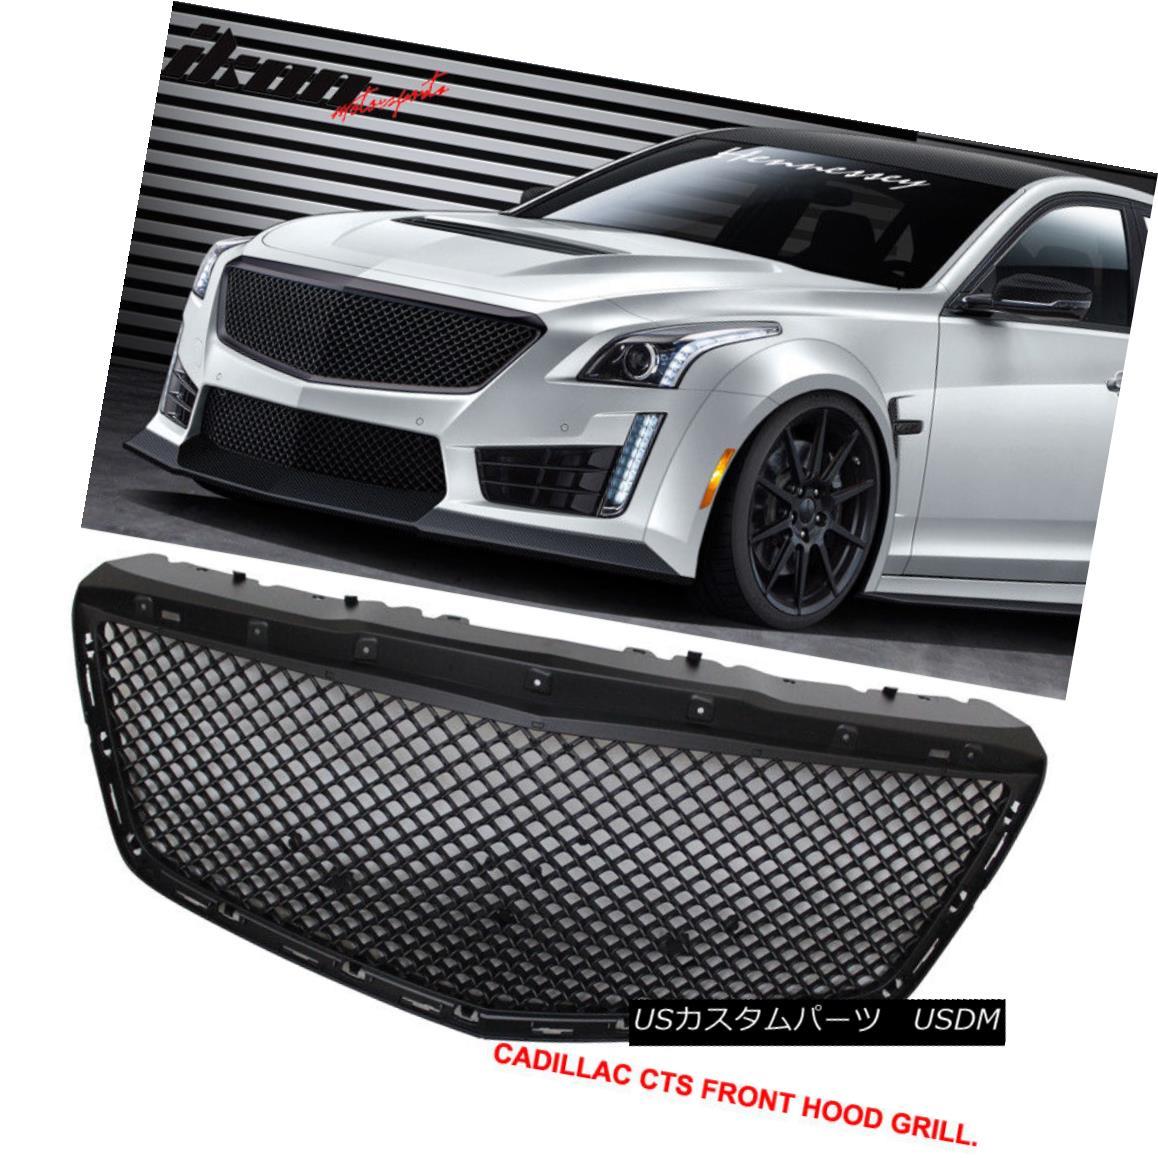 グリル Fits 14-16 Cadillac CTS 4Dr B Style Black Front Bumper Hood Grille Grill - ABS フィット14-16キャデラックCTS 4Dr Bスタイルブラックフロントバンパーフードグリルグリル - ABS